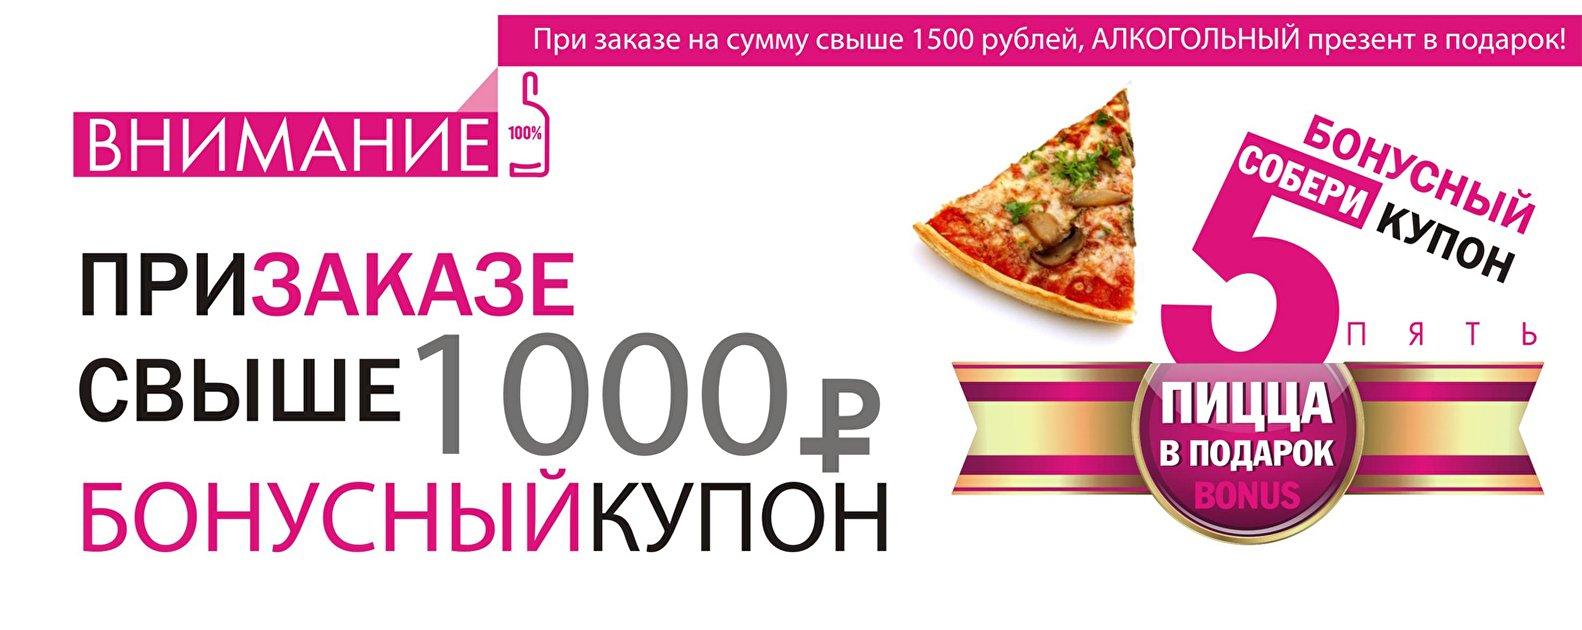 При заказе на 1000 рублей-Бонусный купон в подарок